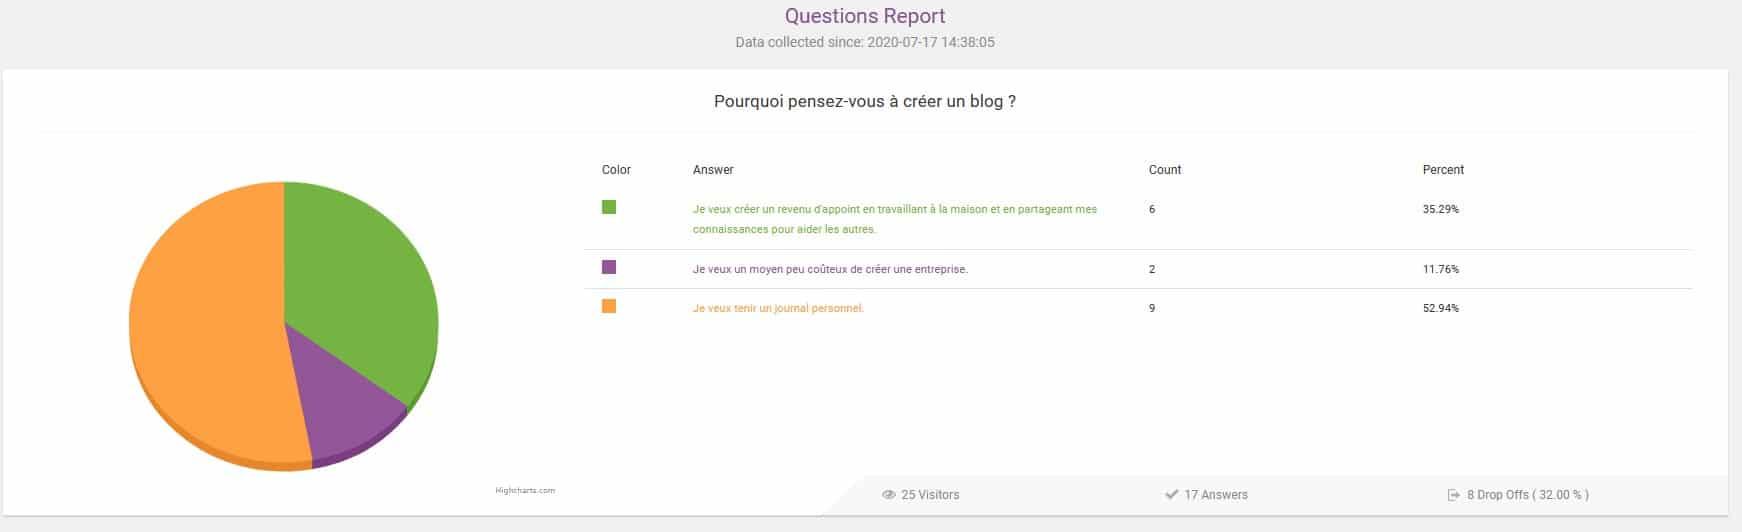 Thrive Quiz Builder - Le rapport statistique sur les réponses aux questions